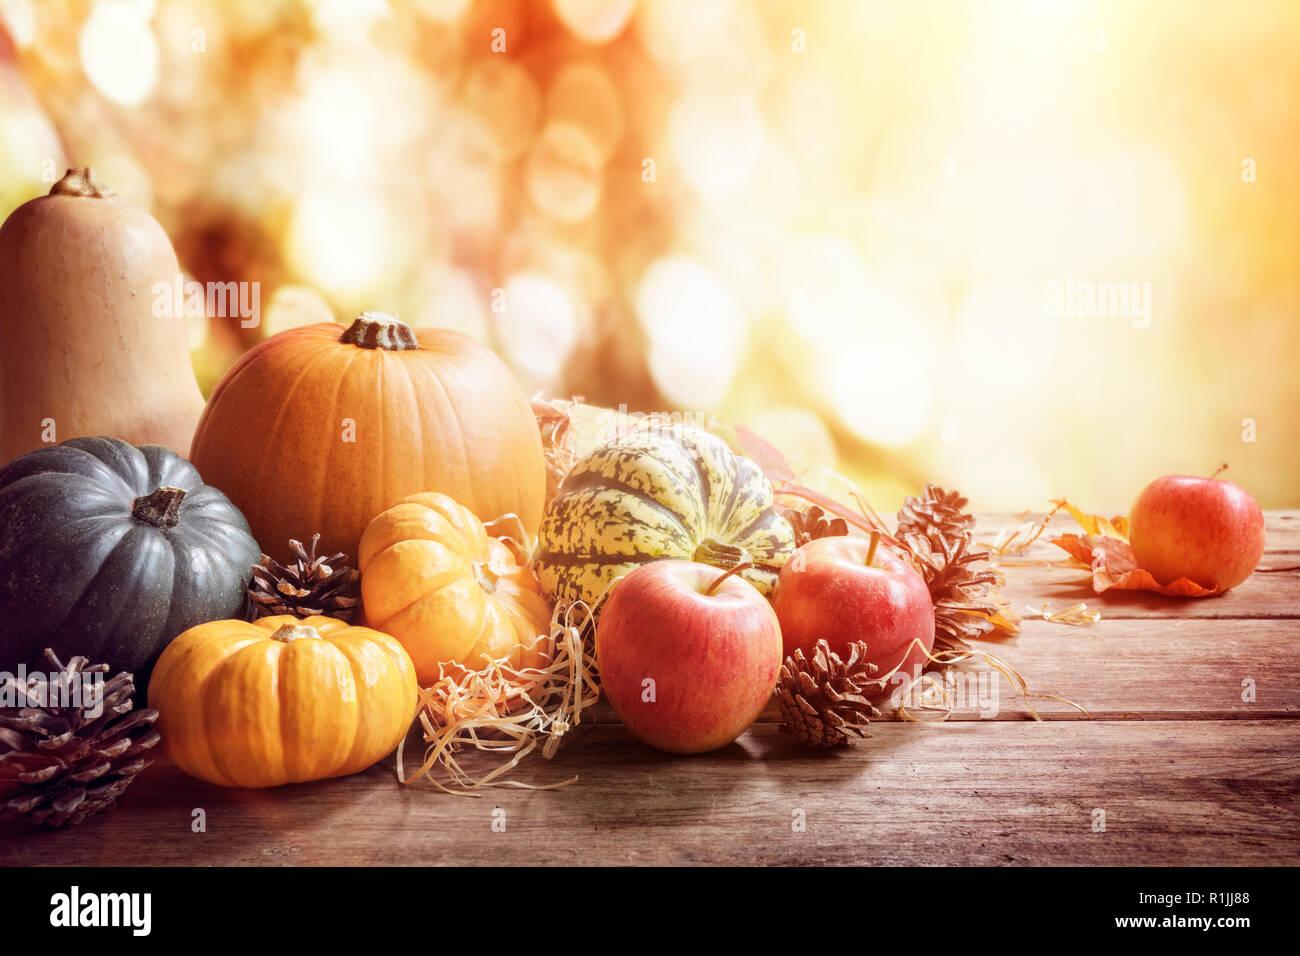 El Día de Acción de Gracias, la caída o el otoño saludo con calabaza de fondo sobre la mesa Foto de stock